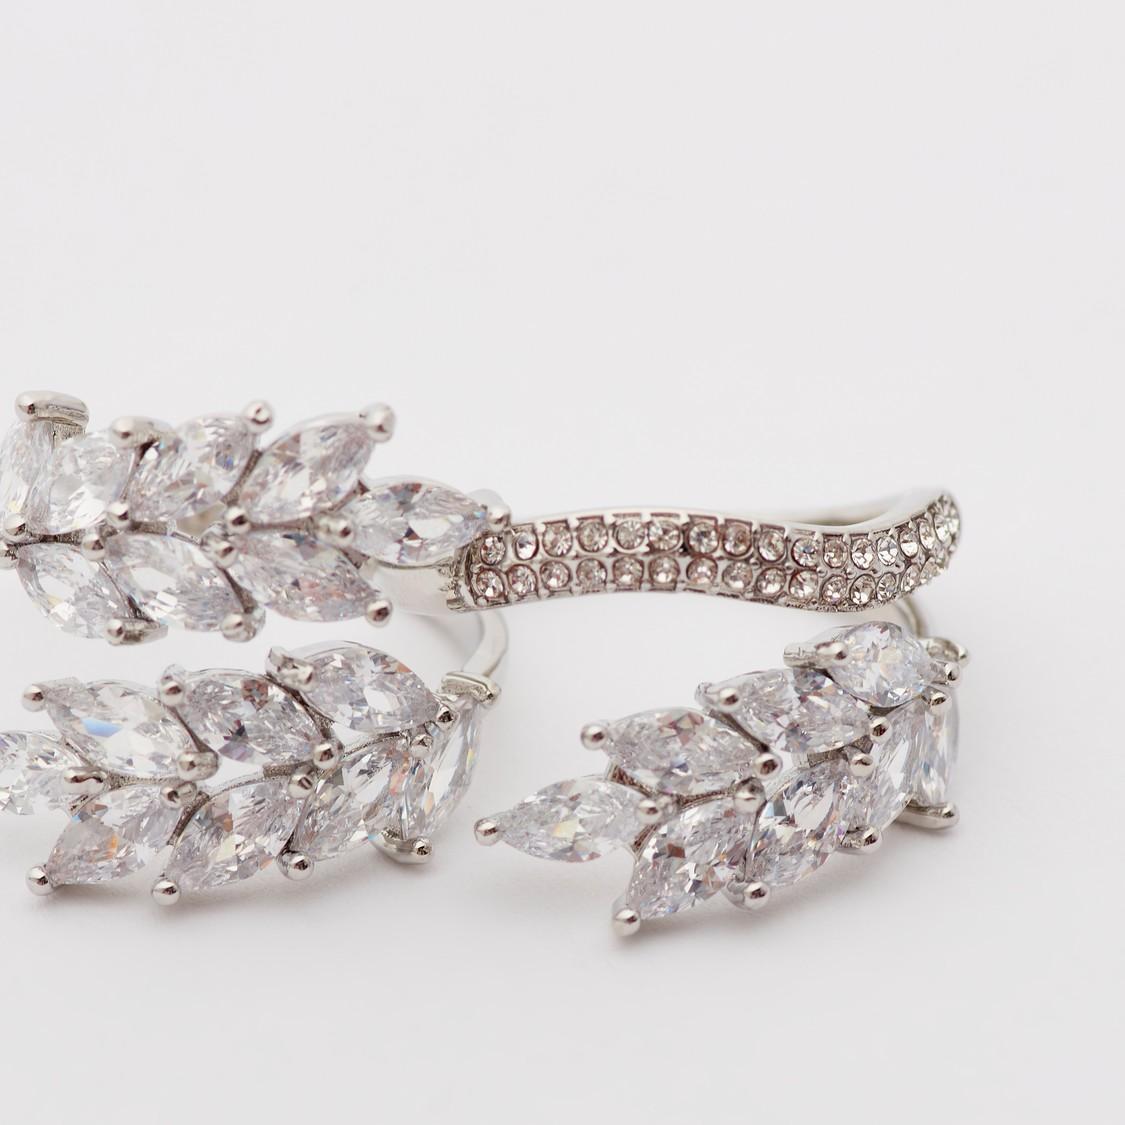 Set of 2 - Embellished Finger Rings